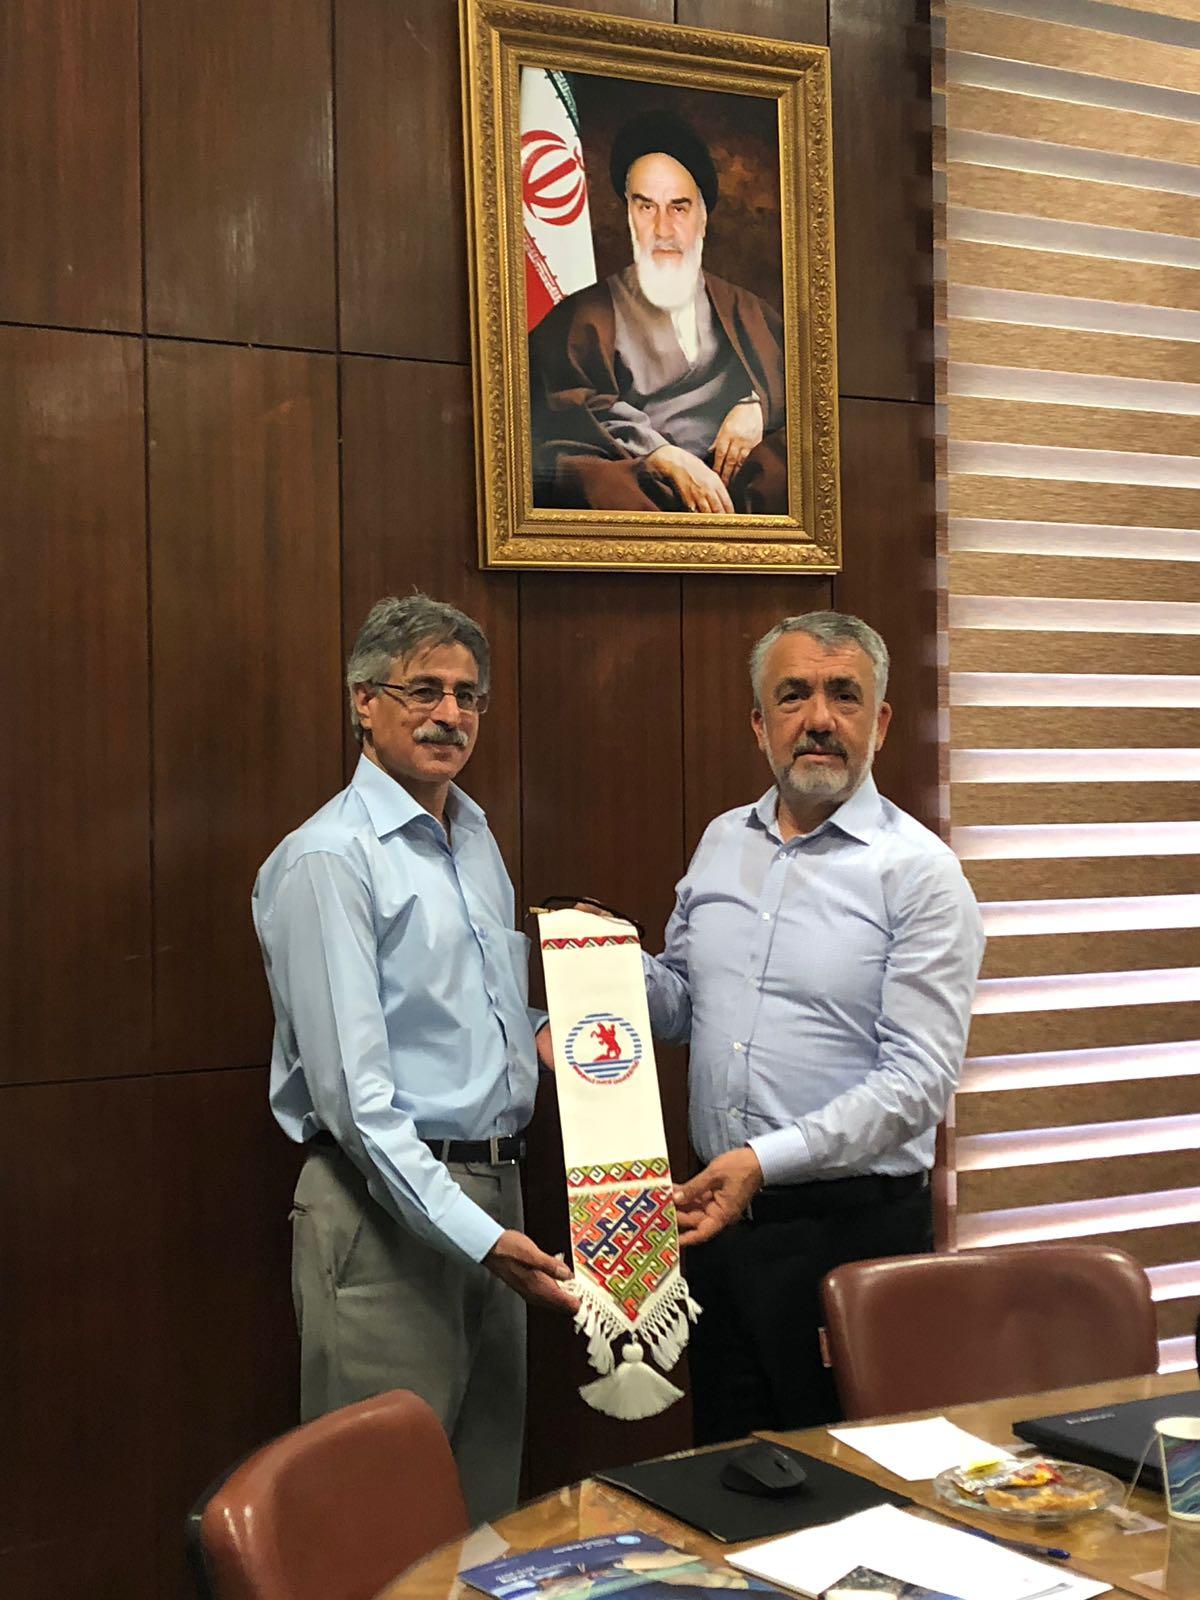 http://www.omu.edu.tr/sites/default/files/files/omu_ile_tahran_universitesi_is_birligi_yapacak/5_omu_iran_ziyaret_veteriner_fak.jpeg